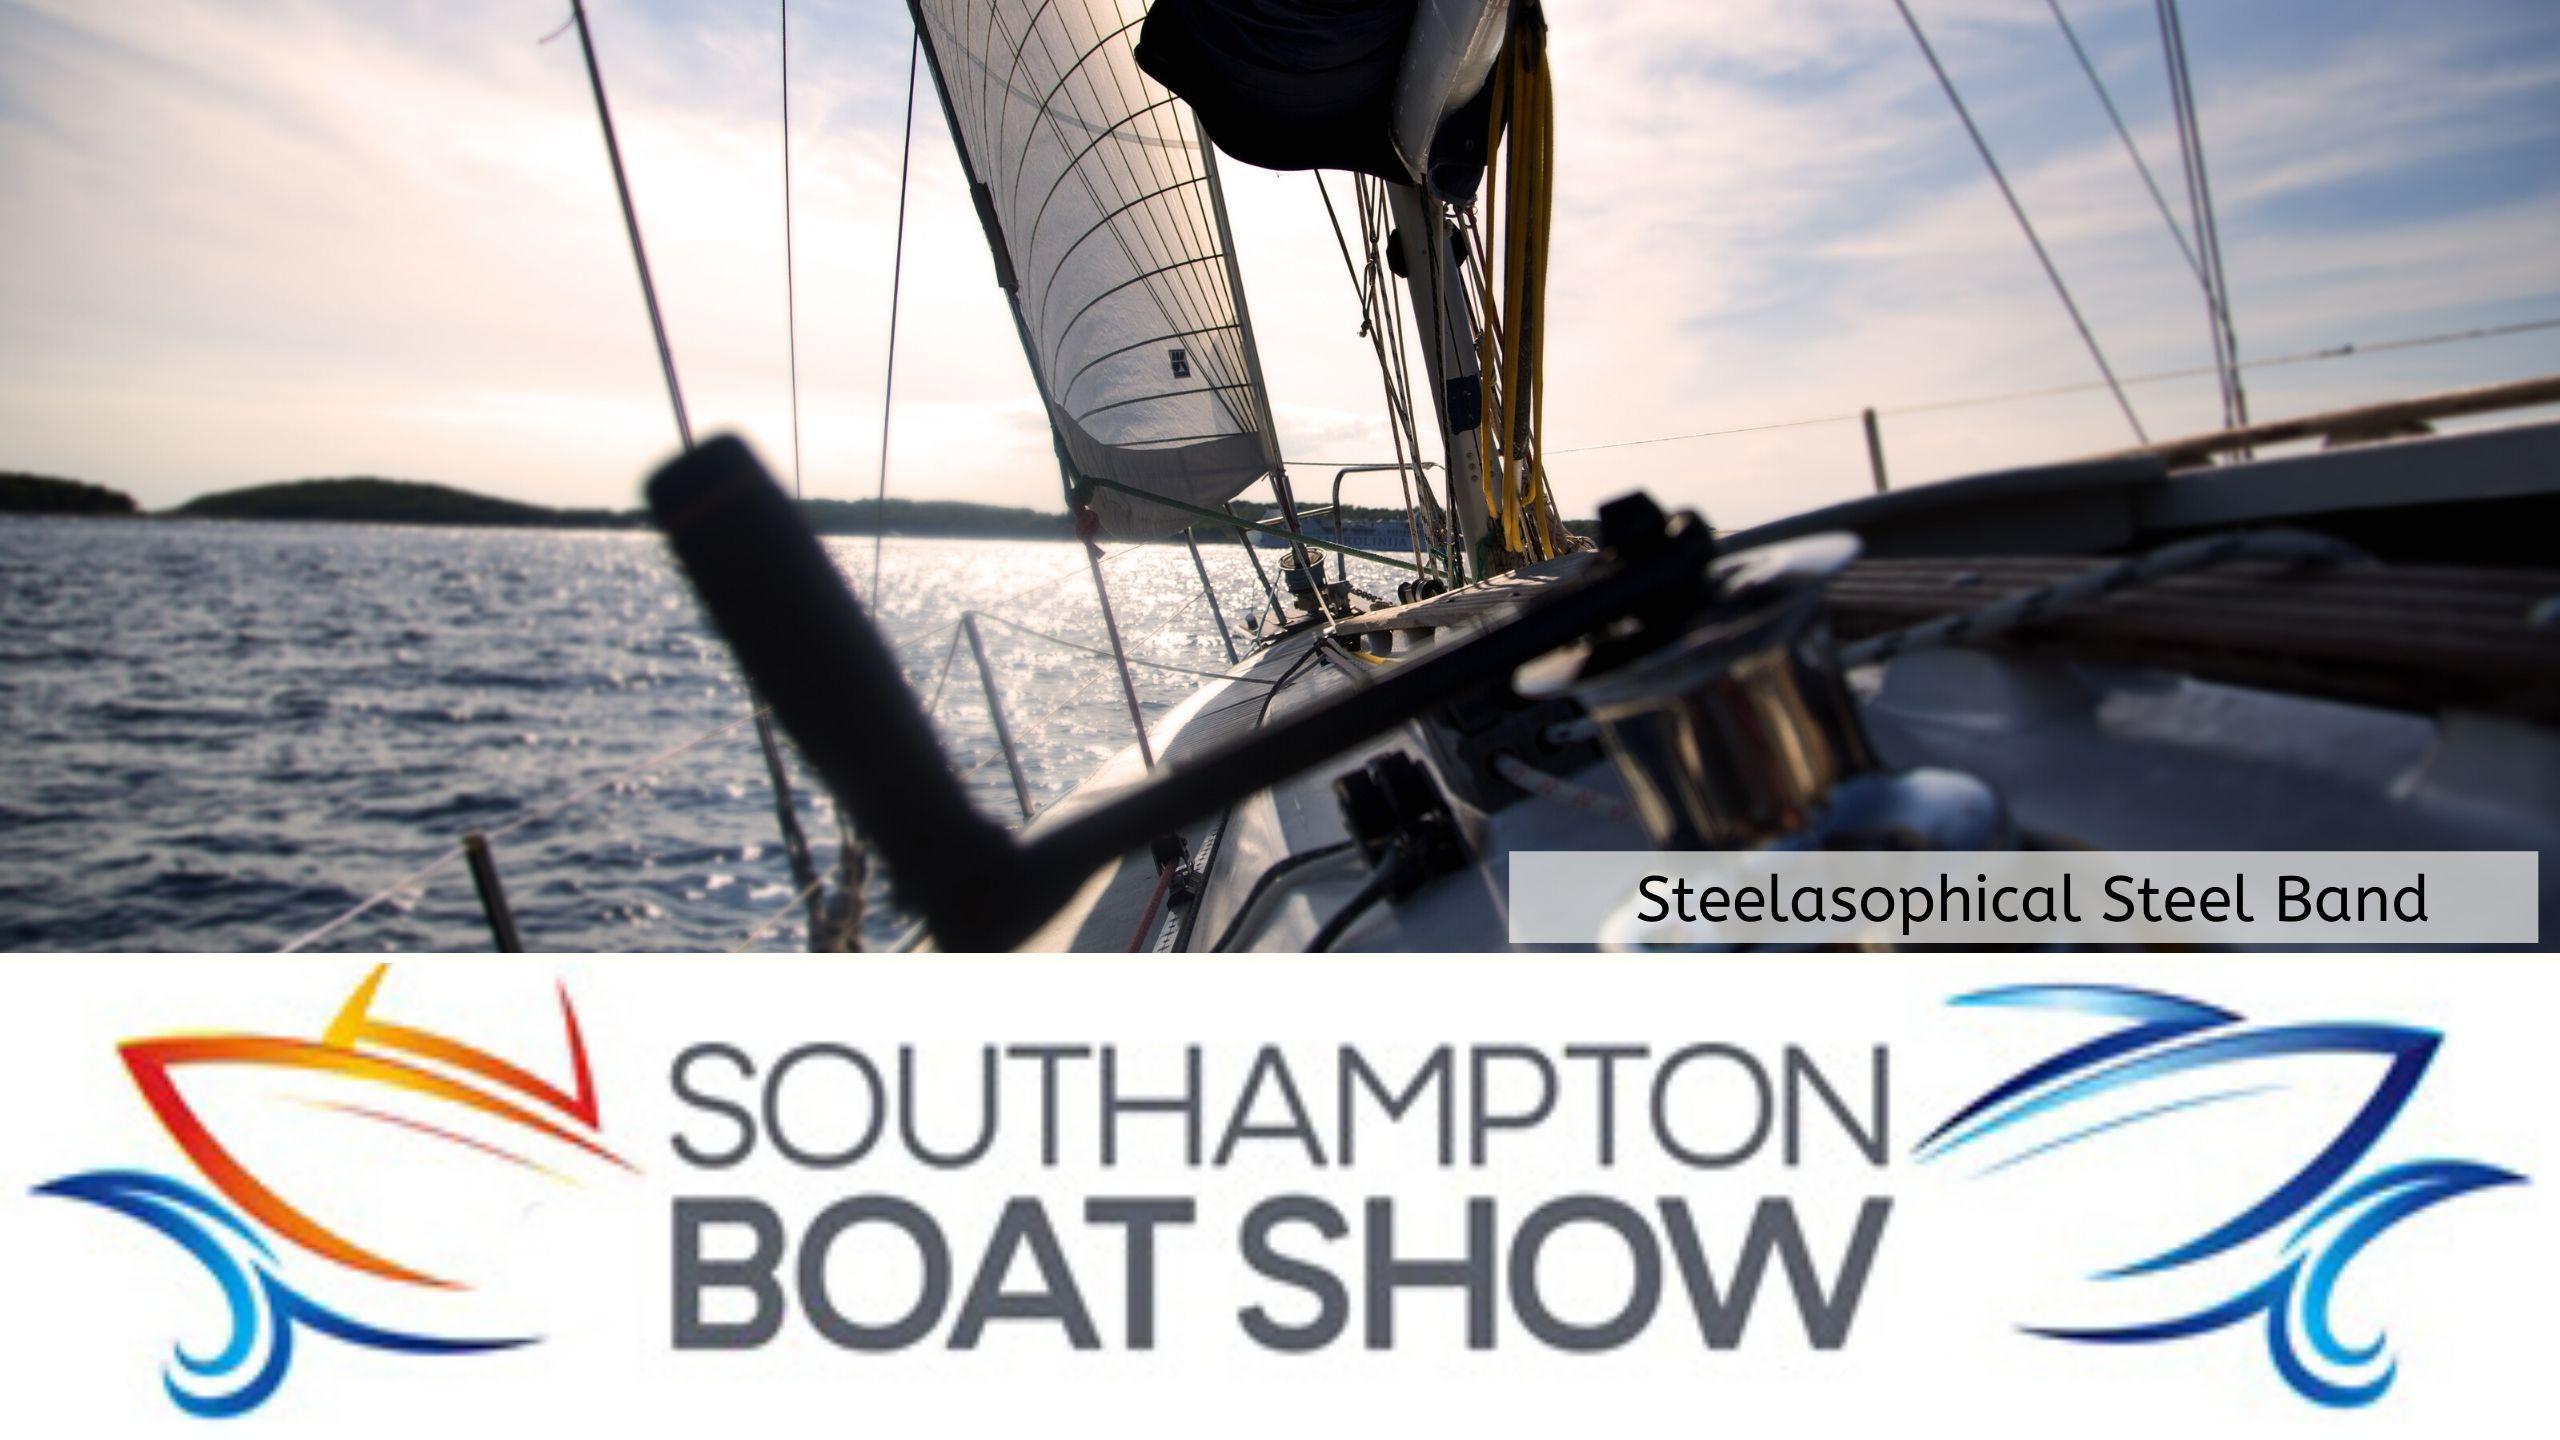 Steelasophical Steel Band Southampton Boat Show Yacht Market Music Stage 2eeeeeffew